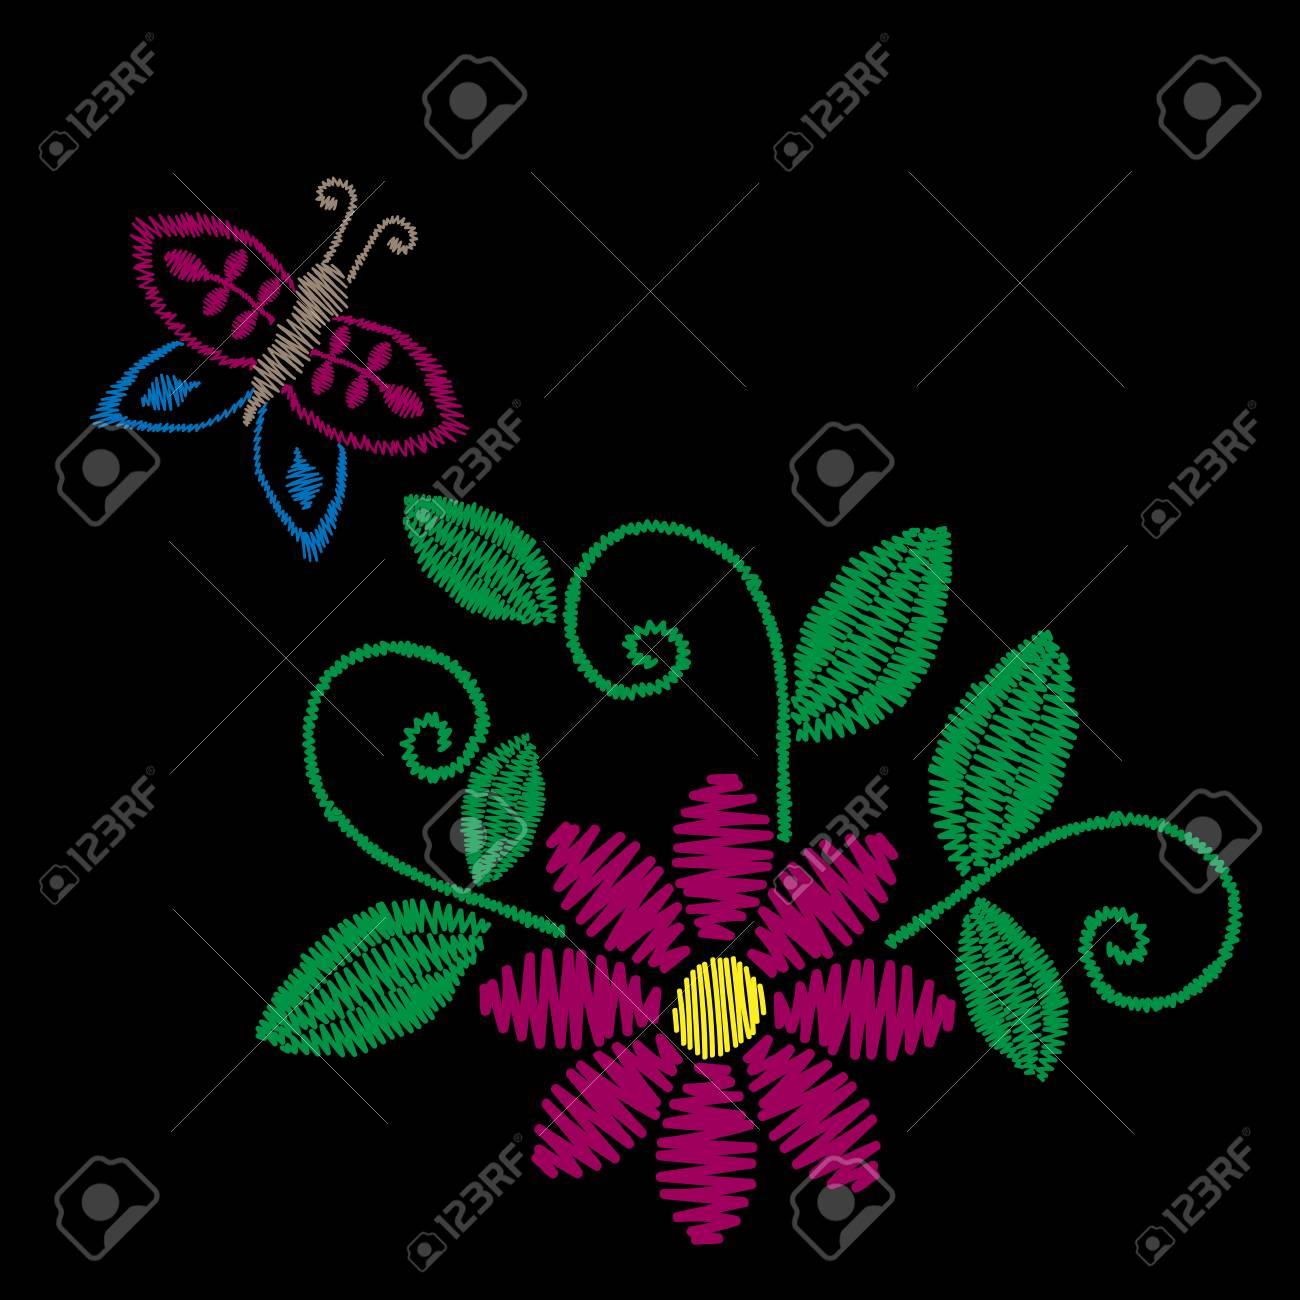 El Bordado Colorido Cose La Flor Popular De Imitación Con La ...